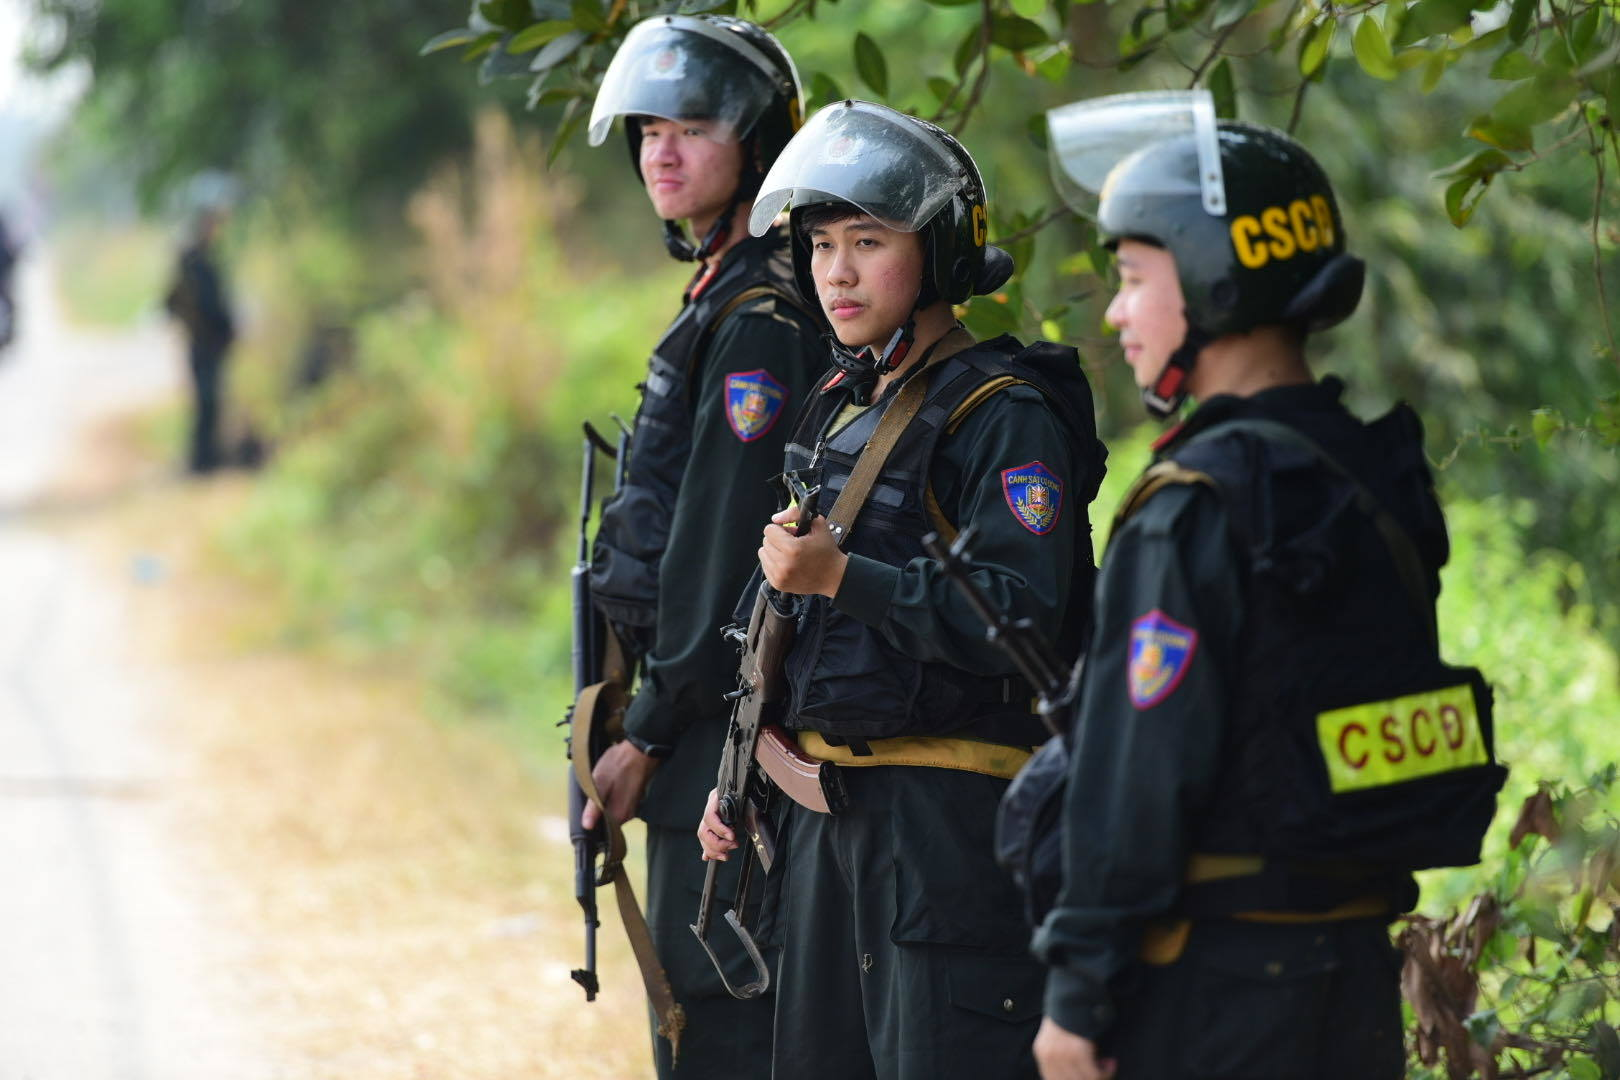 Vụ Tuấn 'khỉ' nổ súng ở sòng bạc, một loạt người liên quan kể cả không quen